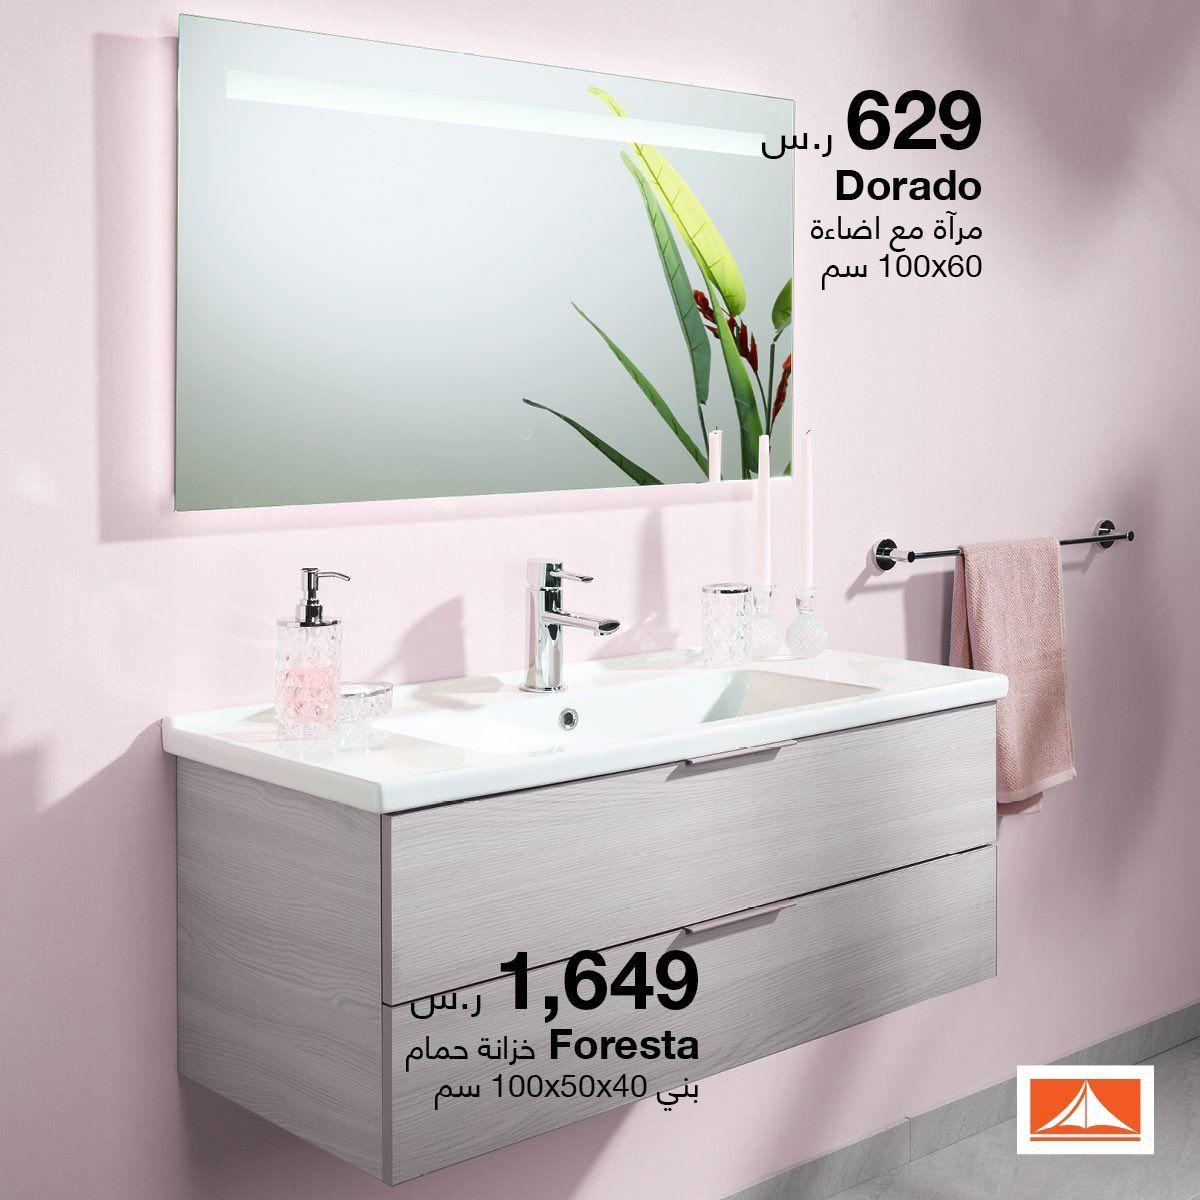 عروض ابيات للسيراميك 31 3 1440 الموافق 24 رجب 1440 Https Www 3orod Today Saudi Arabia Offers Abya Bathroom Mirror Bathroom Lighting Lighted Bathroom Mirror